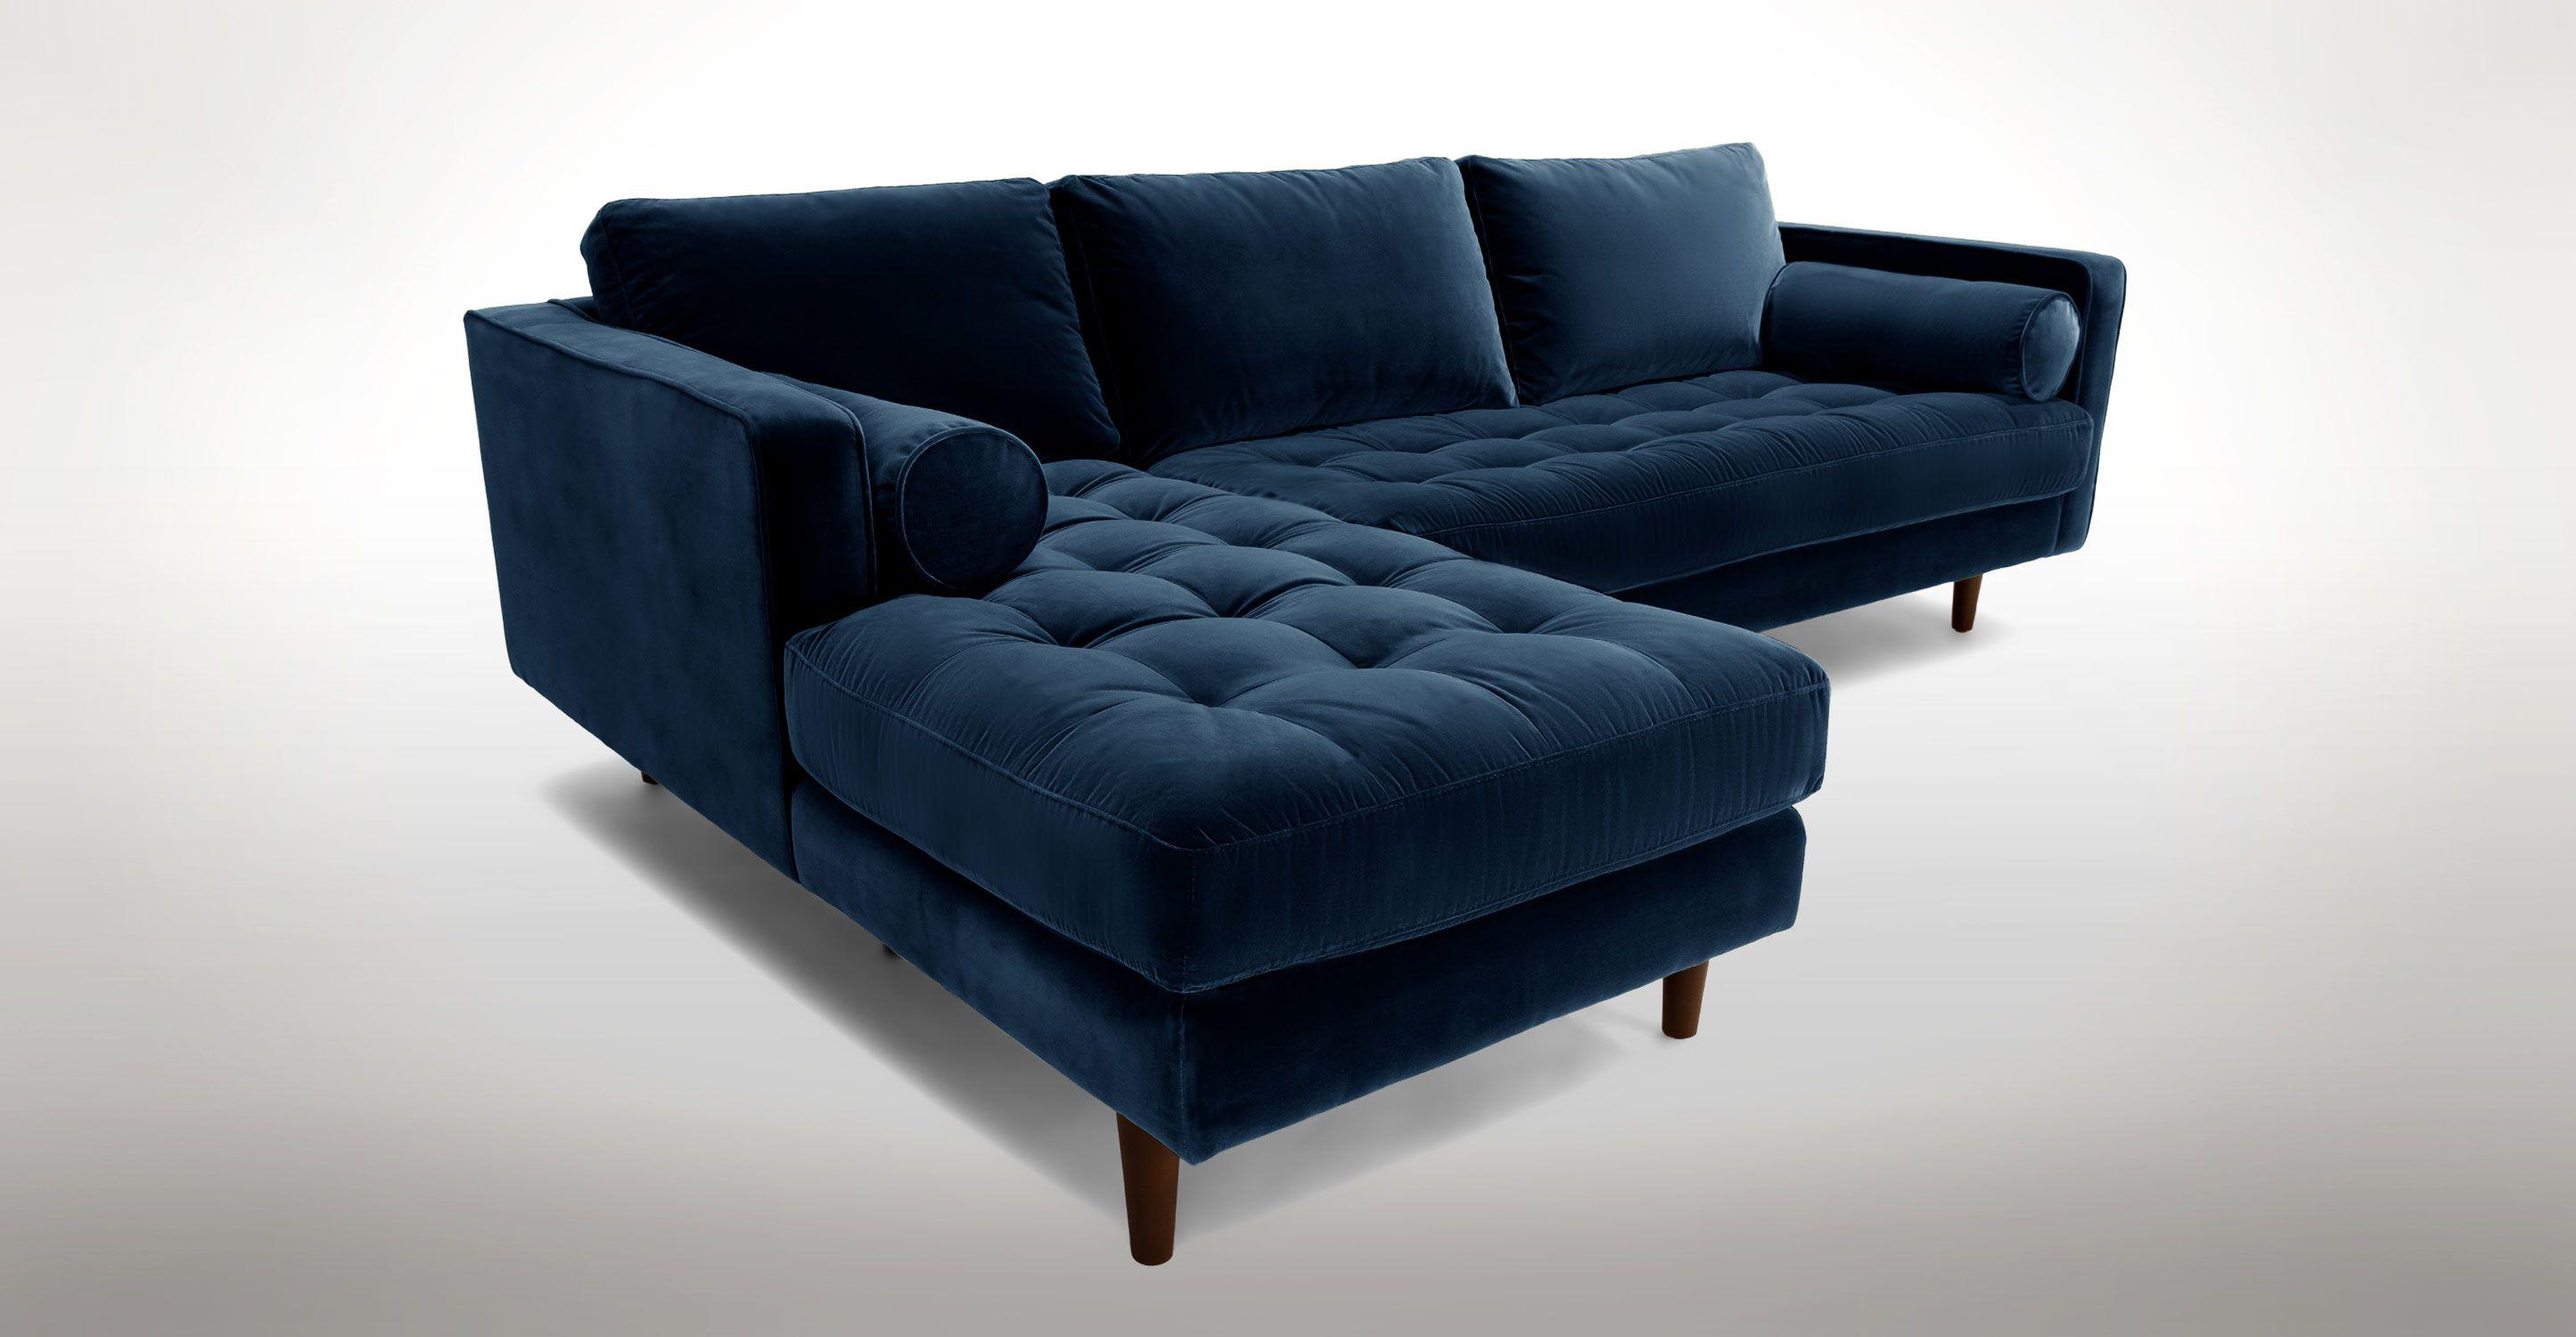 Sven Cascadia Blue Left Sectional Sofa Contemporary Living Room